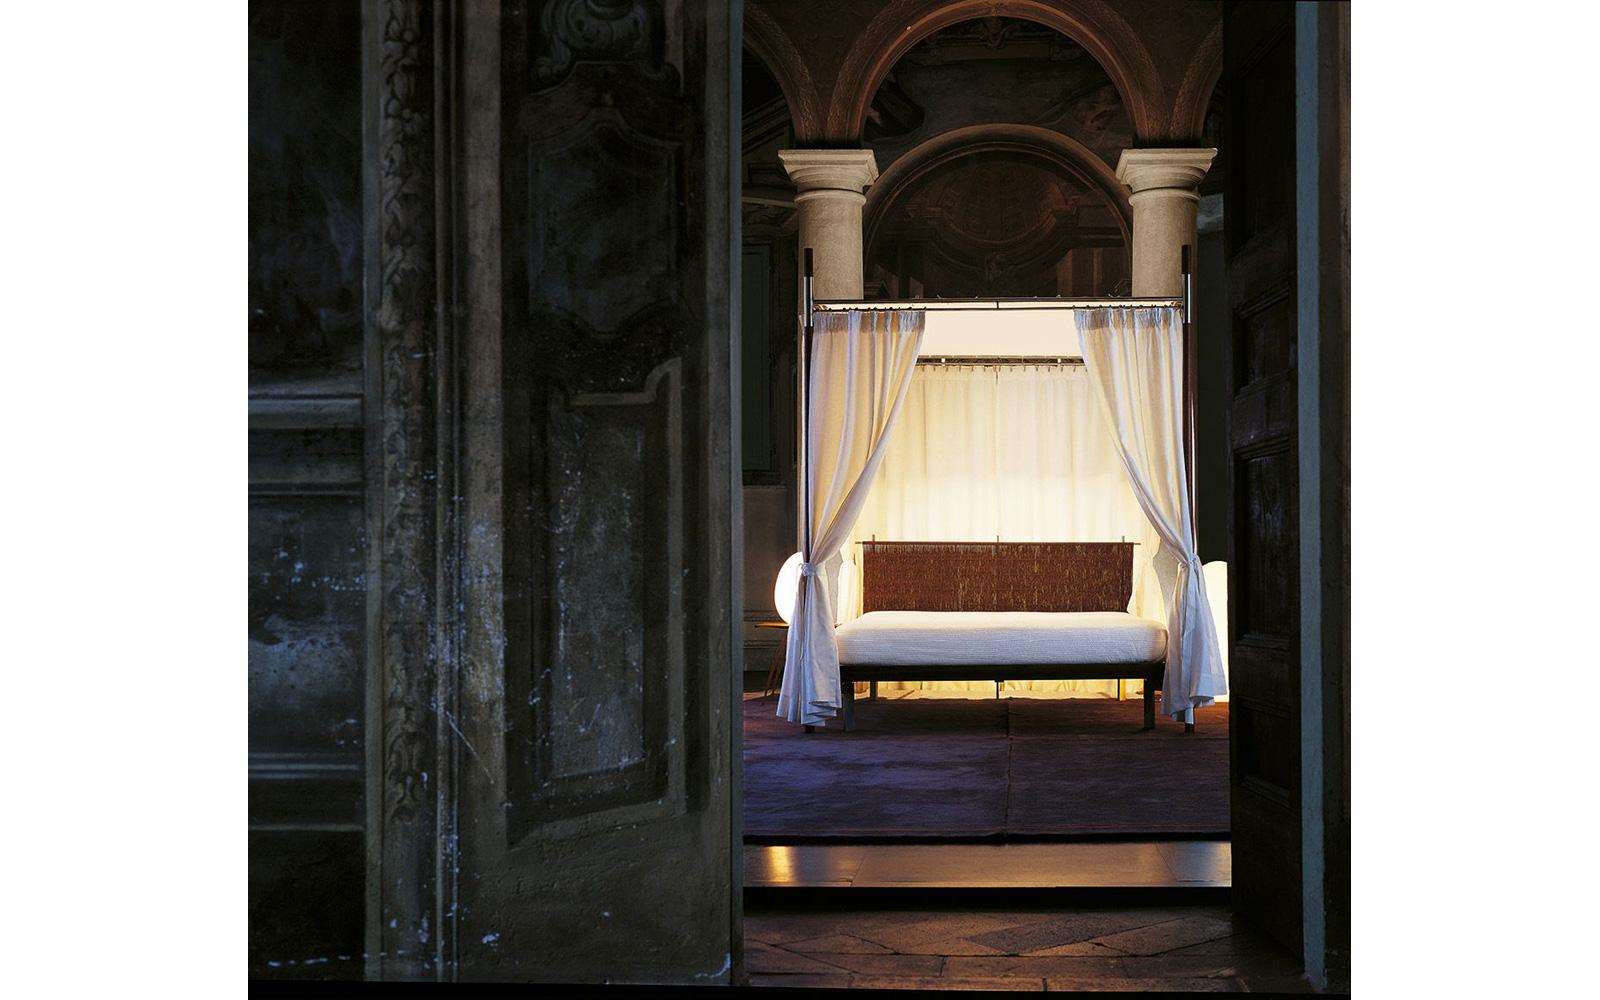 driade per AD architettura interni negozio a Roma